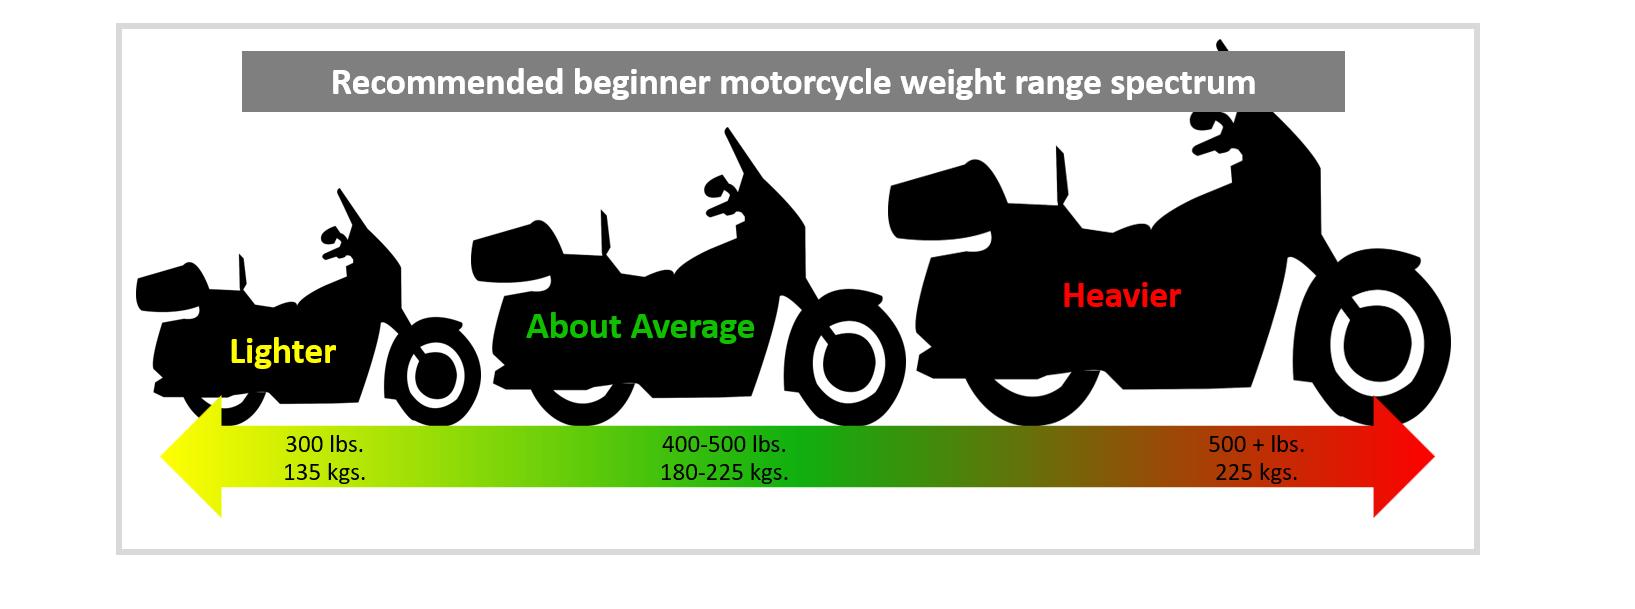 beginner motorcycle weight range spectrum infographic